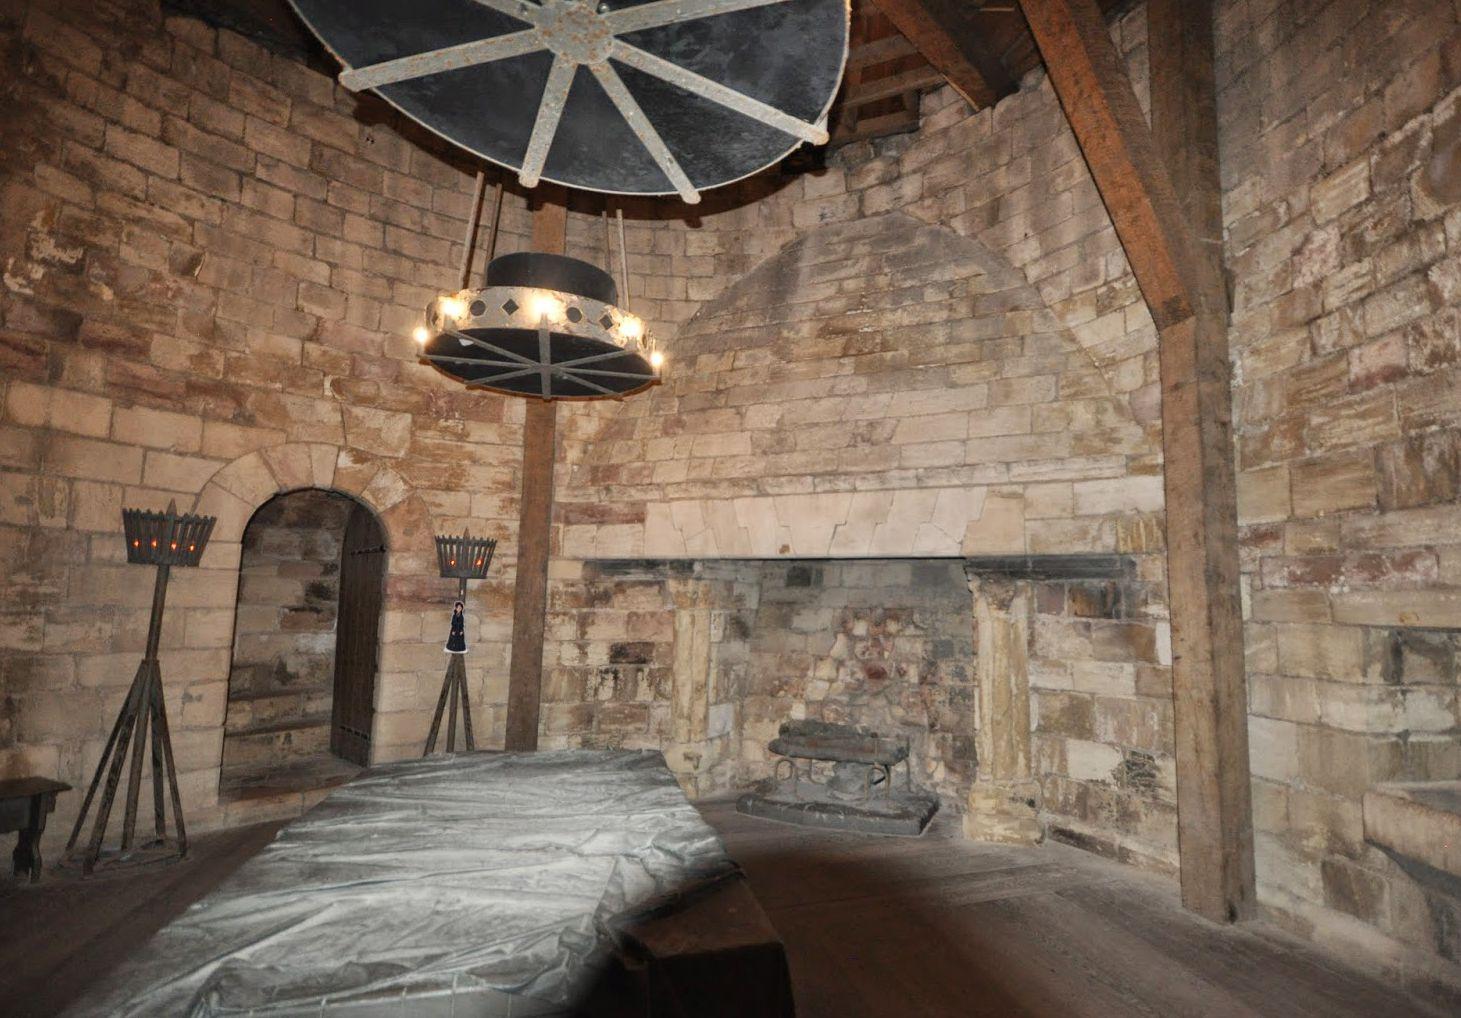 Άποψη από το εσωτερικό του Κάστρου Conisbrough